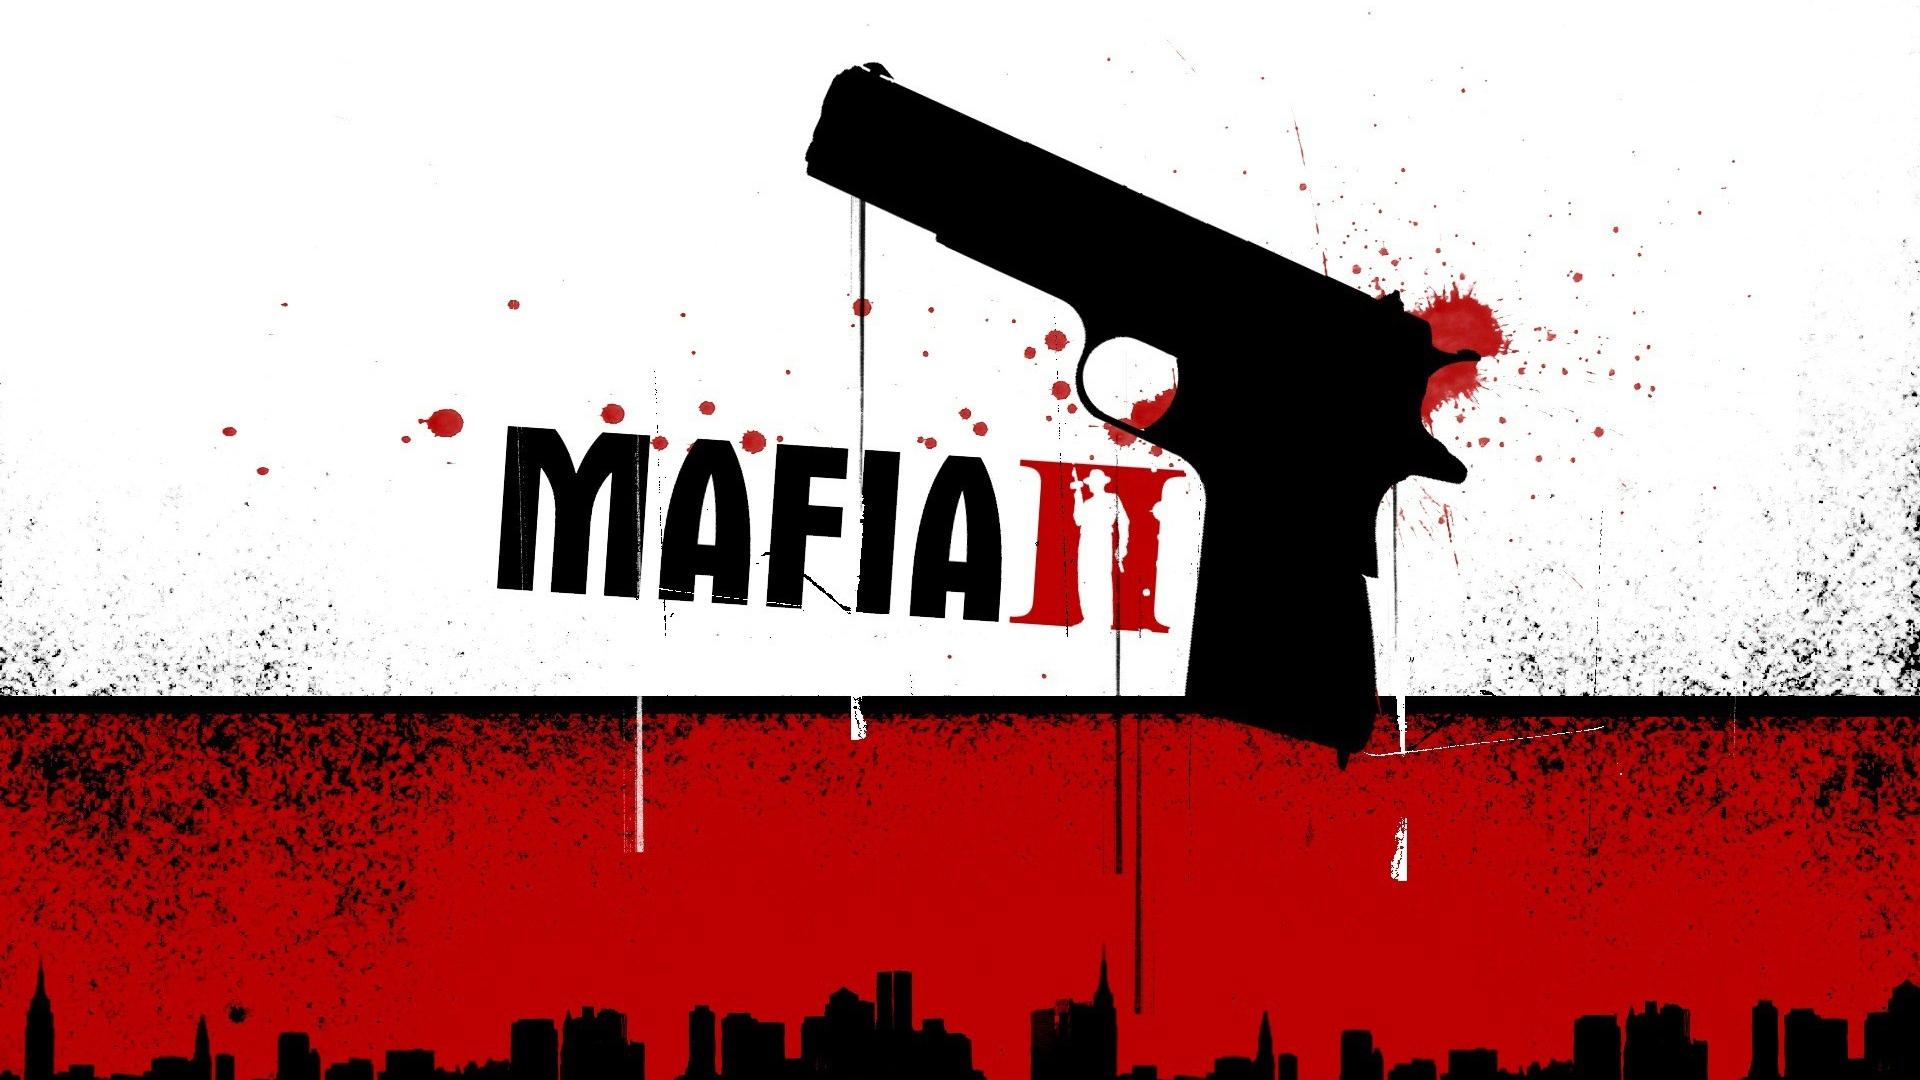 Download Wallpaper 1920x1080 Mafia 2 Pistol Blood City Full Hd